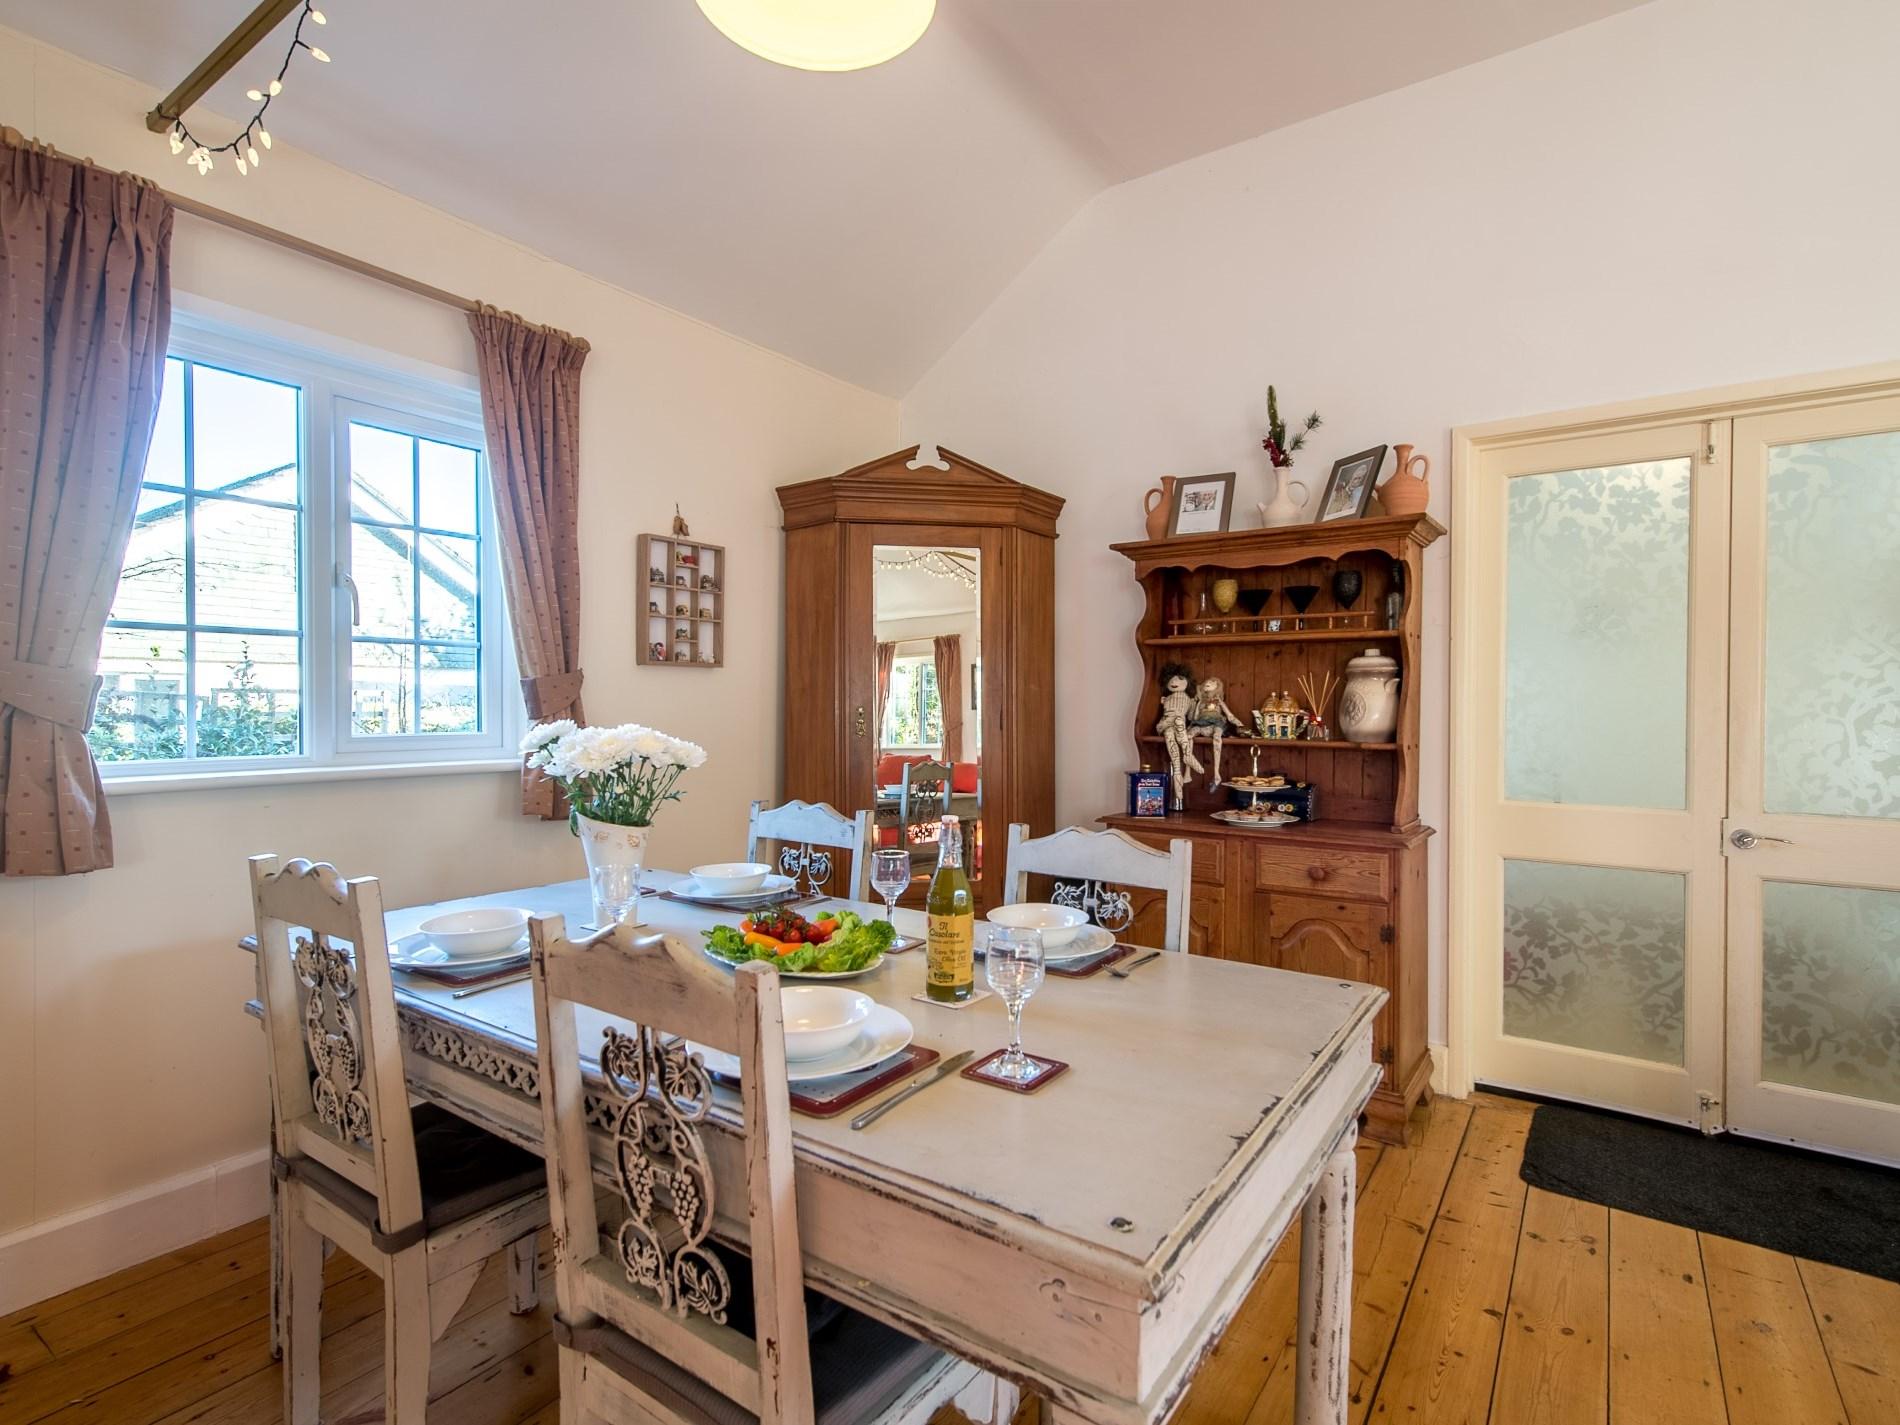 2 Bedroom Cottage in Newton Abbot, Devon